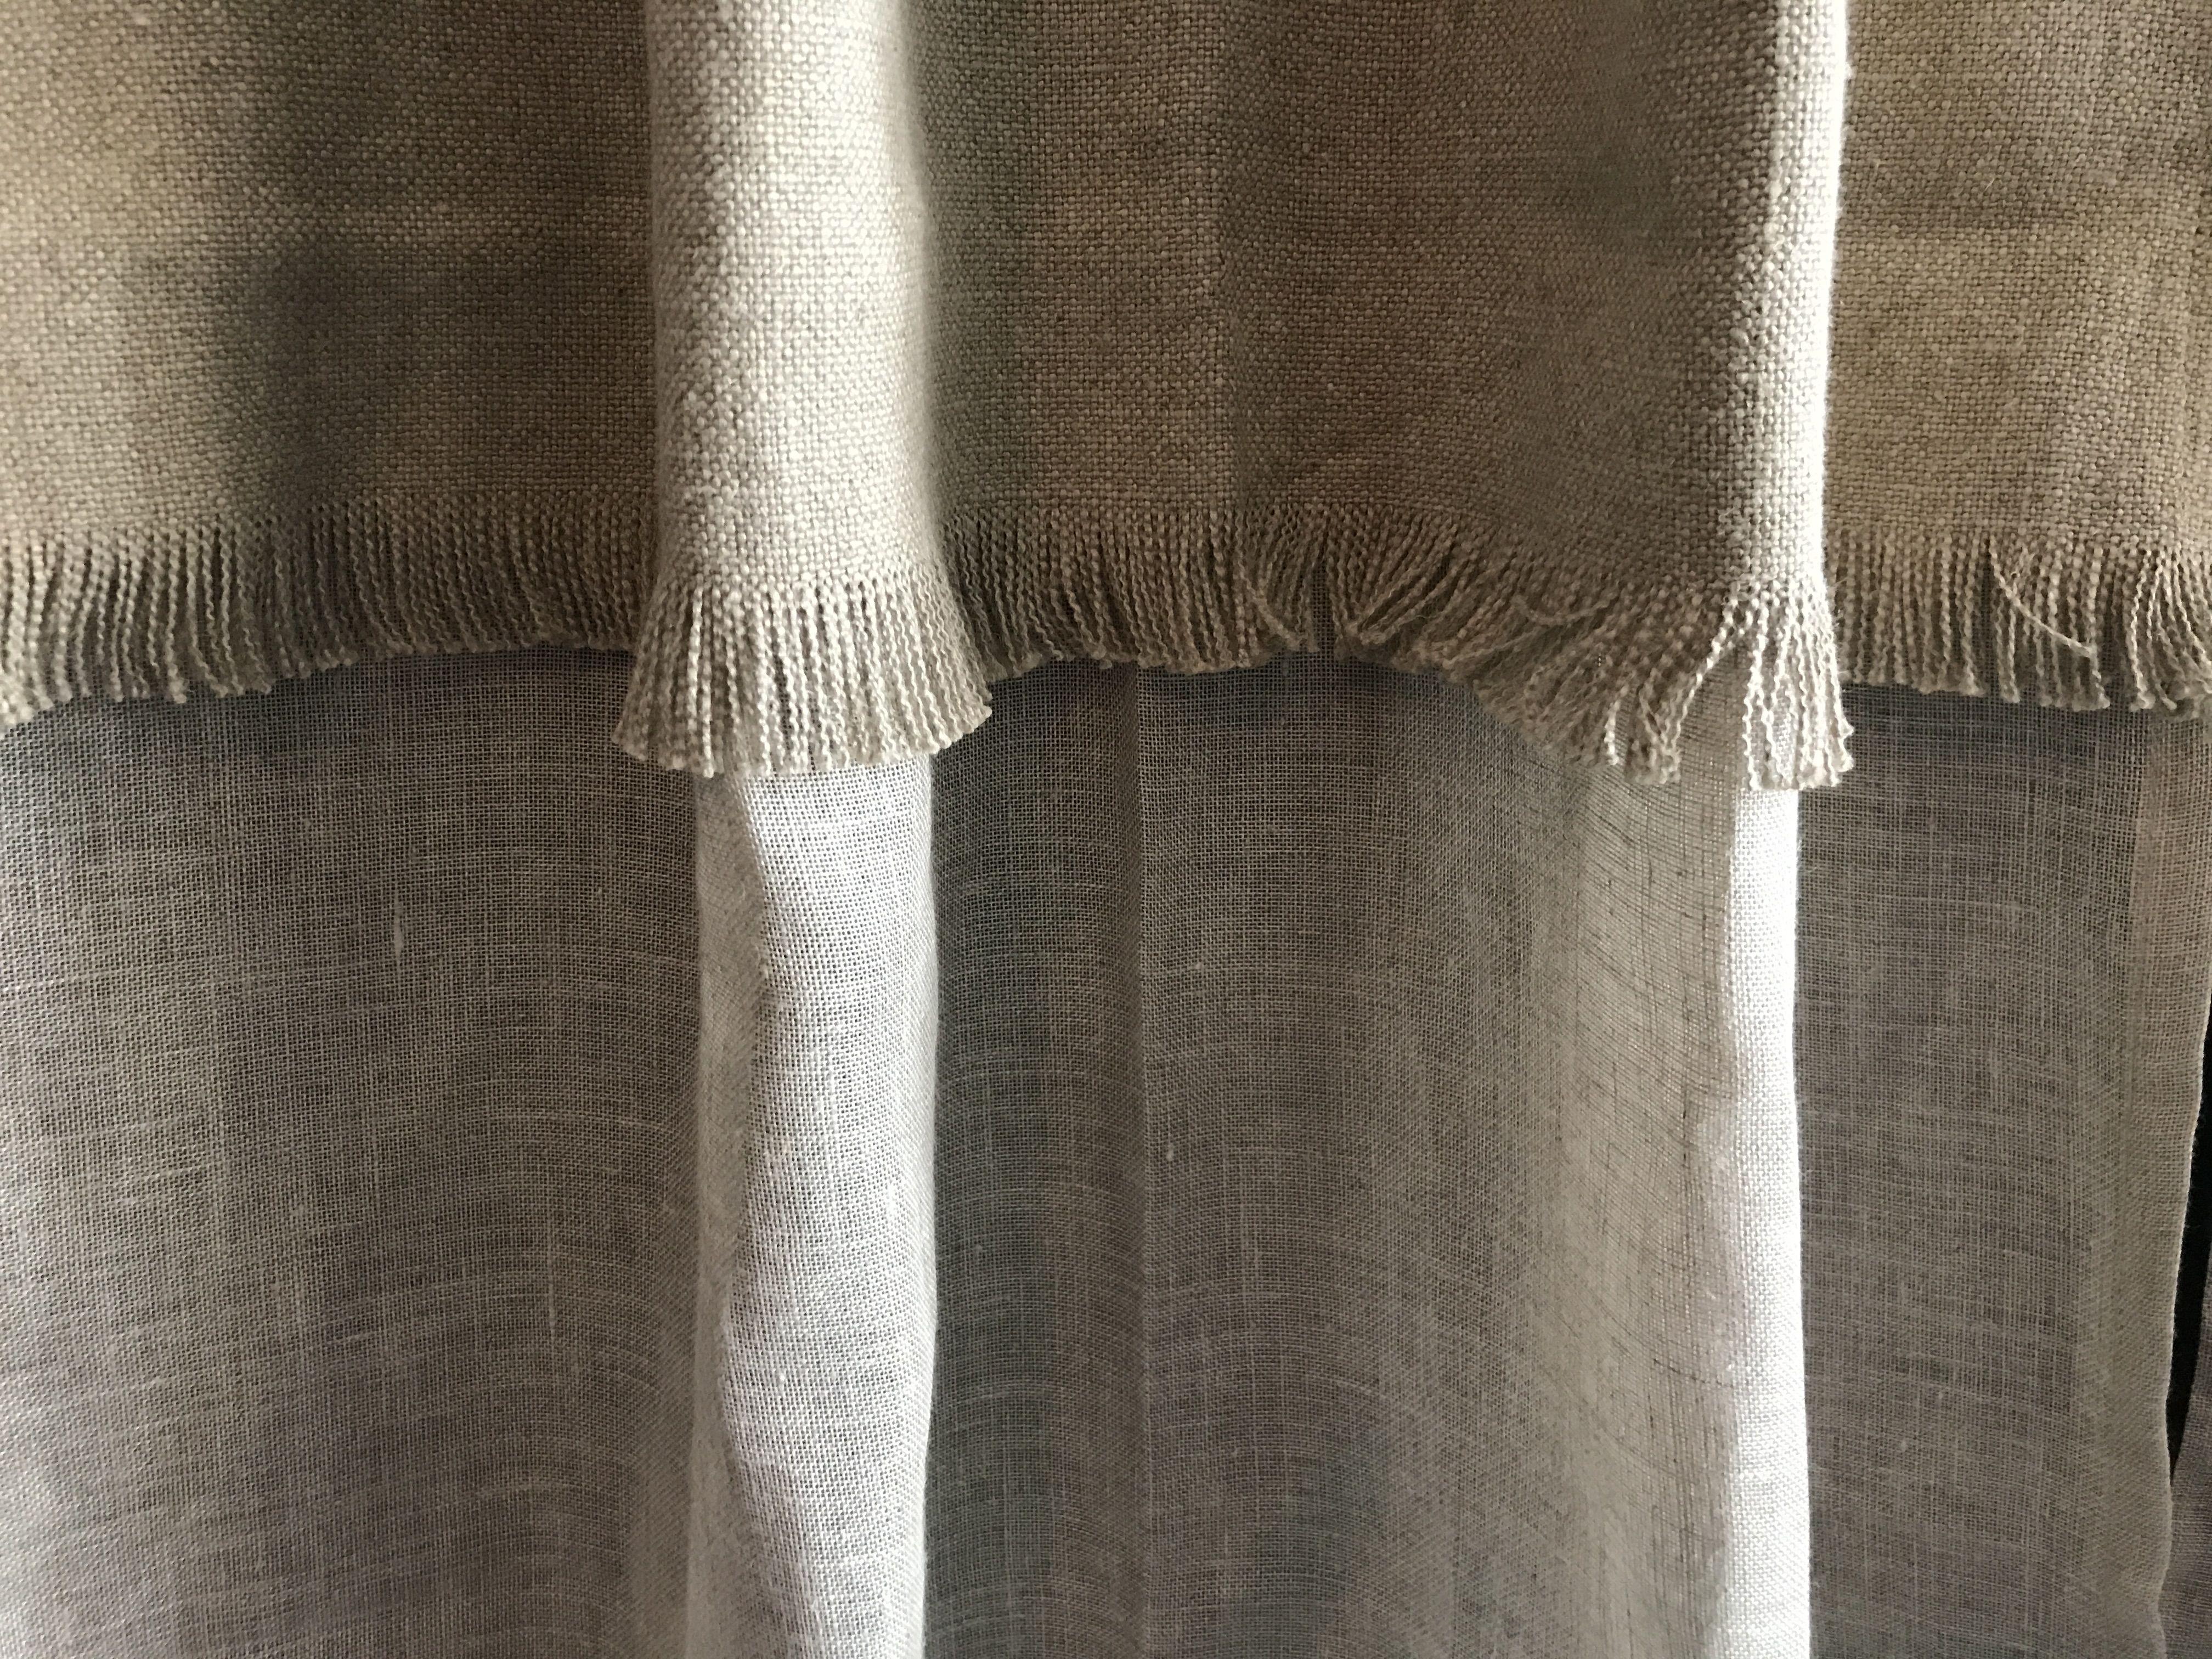 Création De Rideaux Originaux rideaux sur mesure apache 2 grande largeur 280 cm en voile